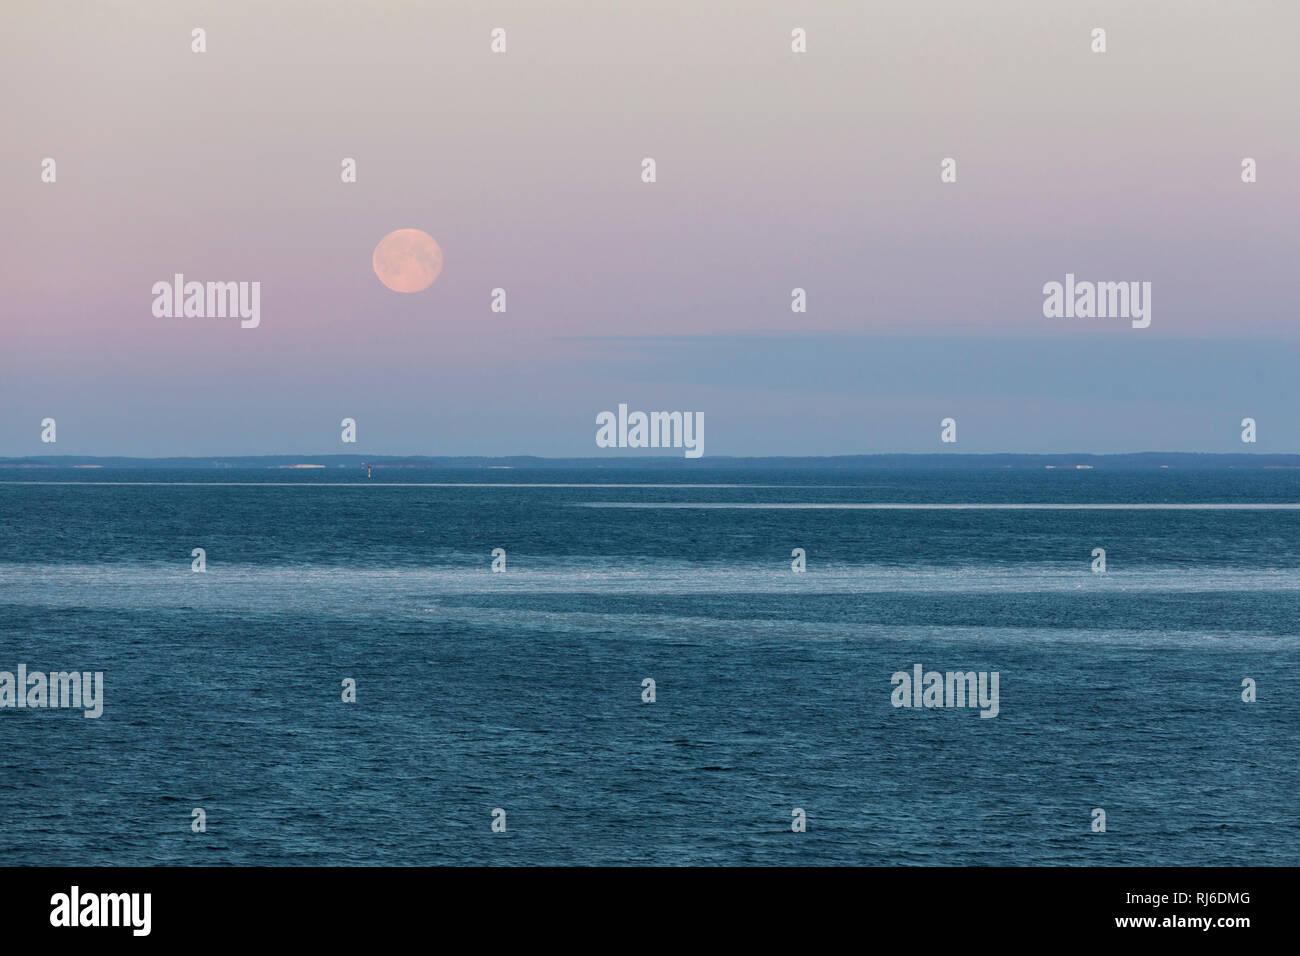 Vollmond am Abendhimmel über der Ostsee im Winter - Stock Image